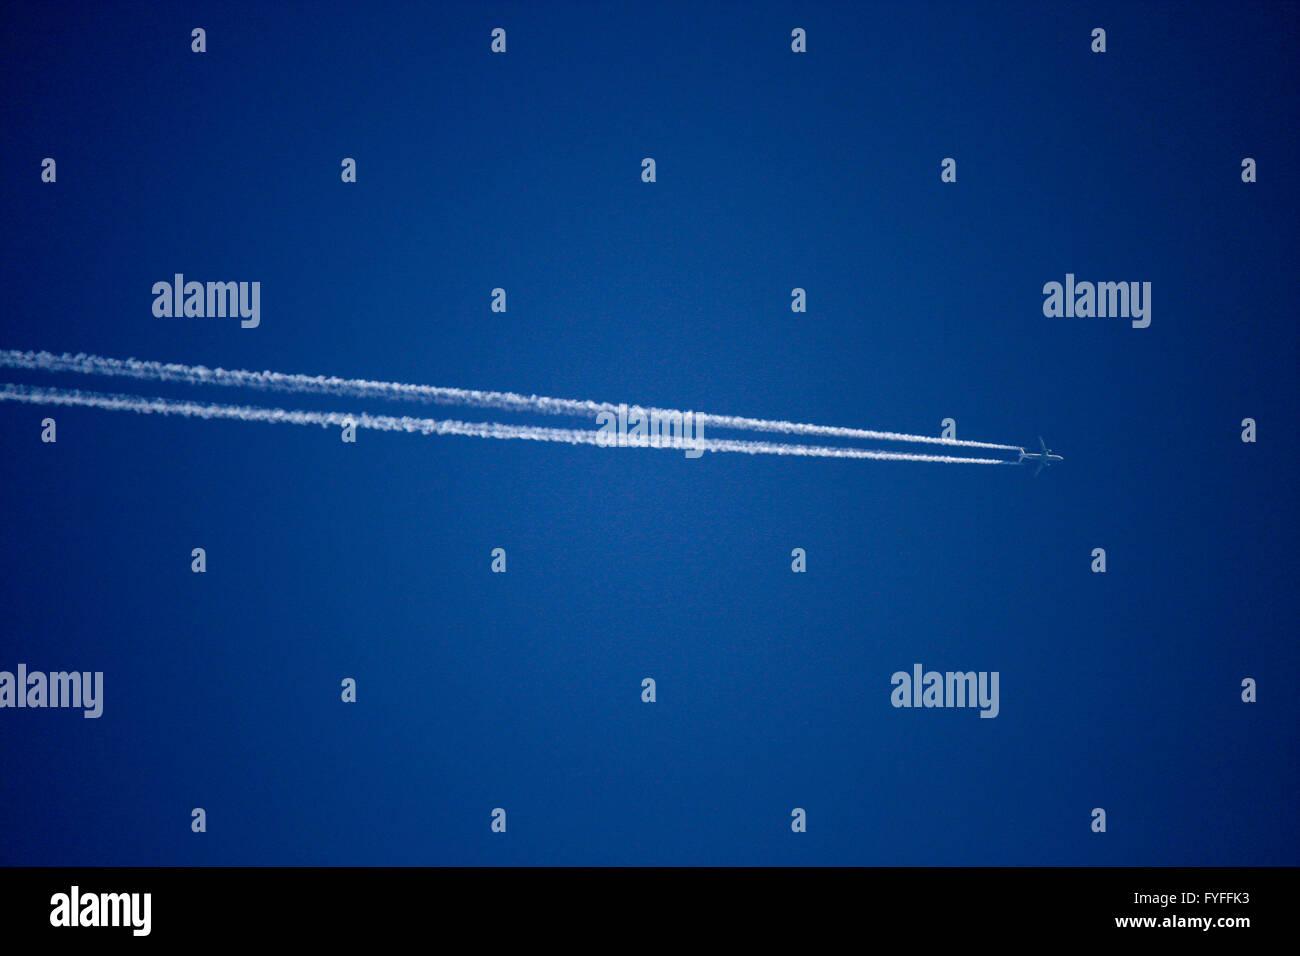 Flugzeug, Kondensstreifen . - Stock Image